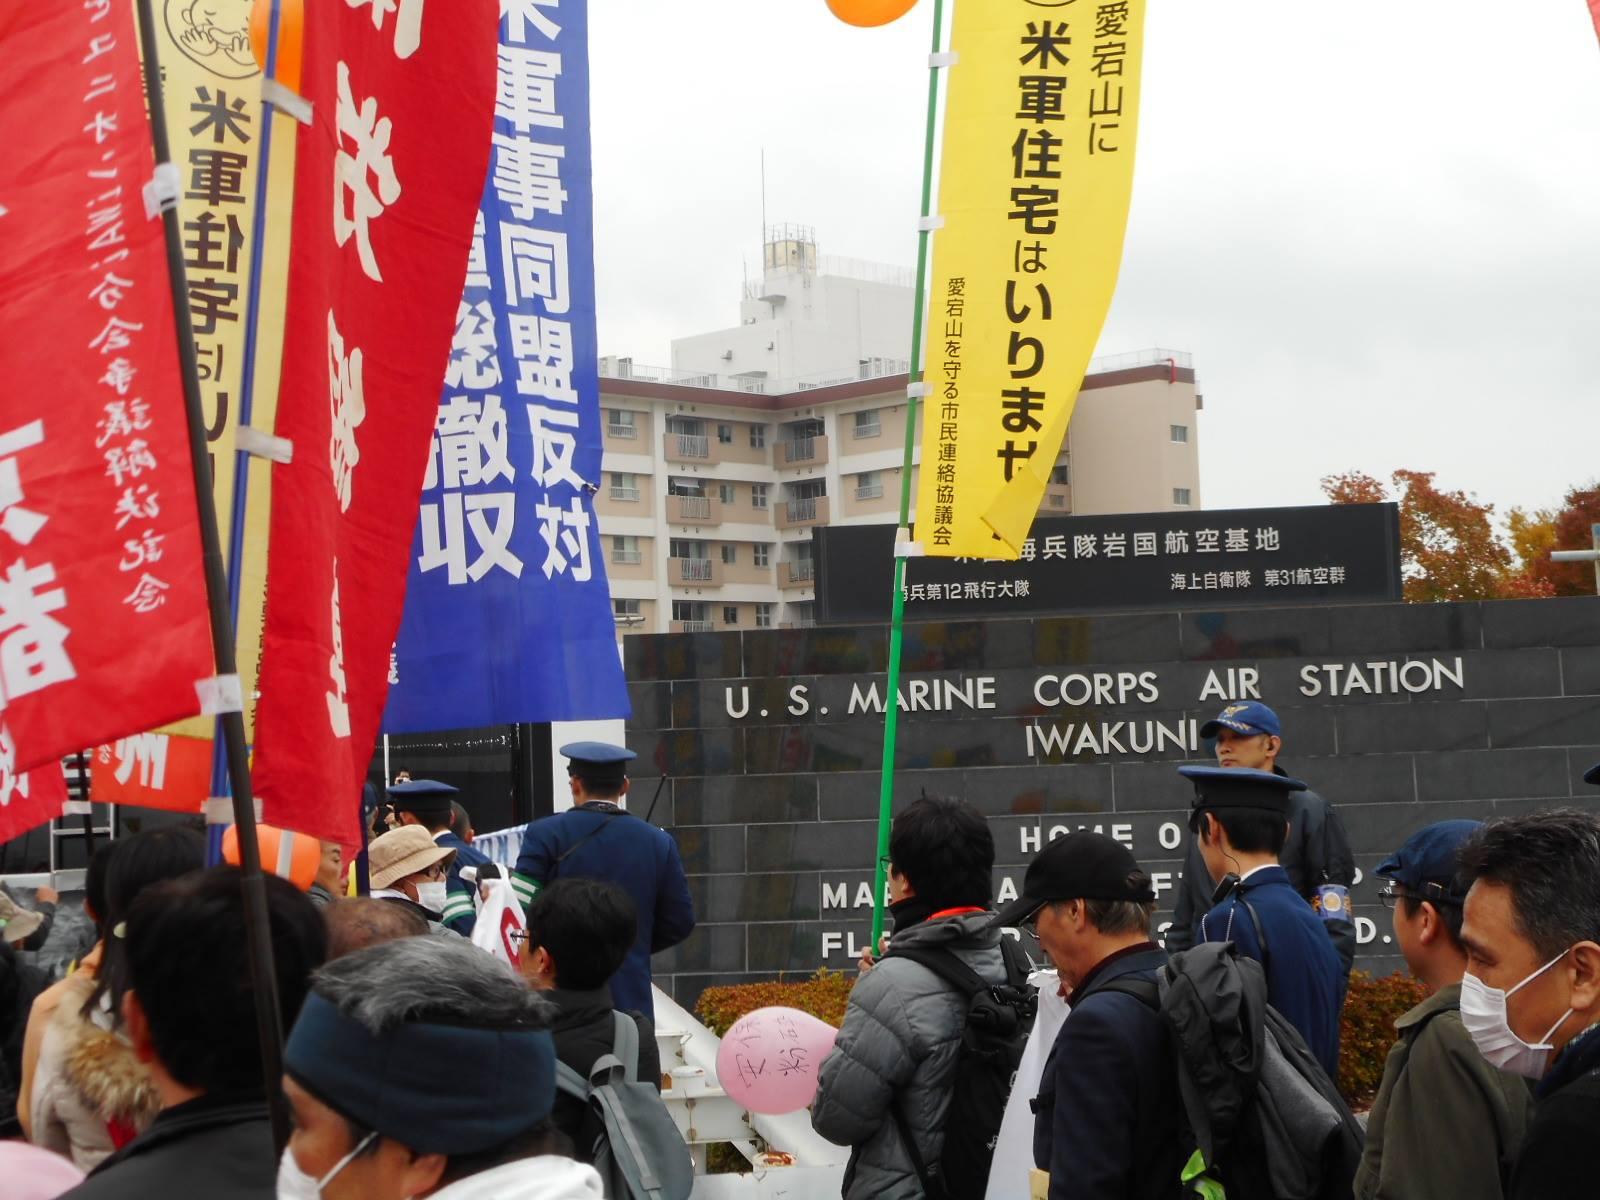 iwakuni_3.jpg